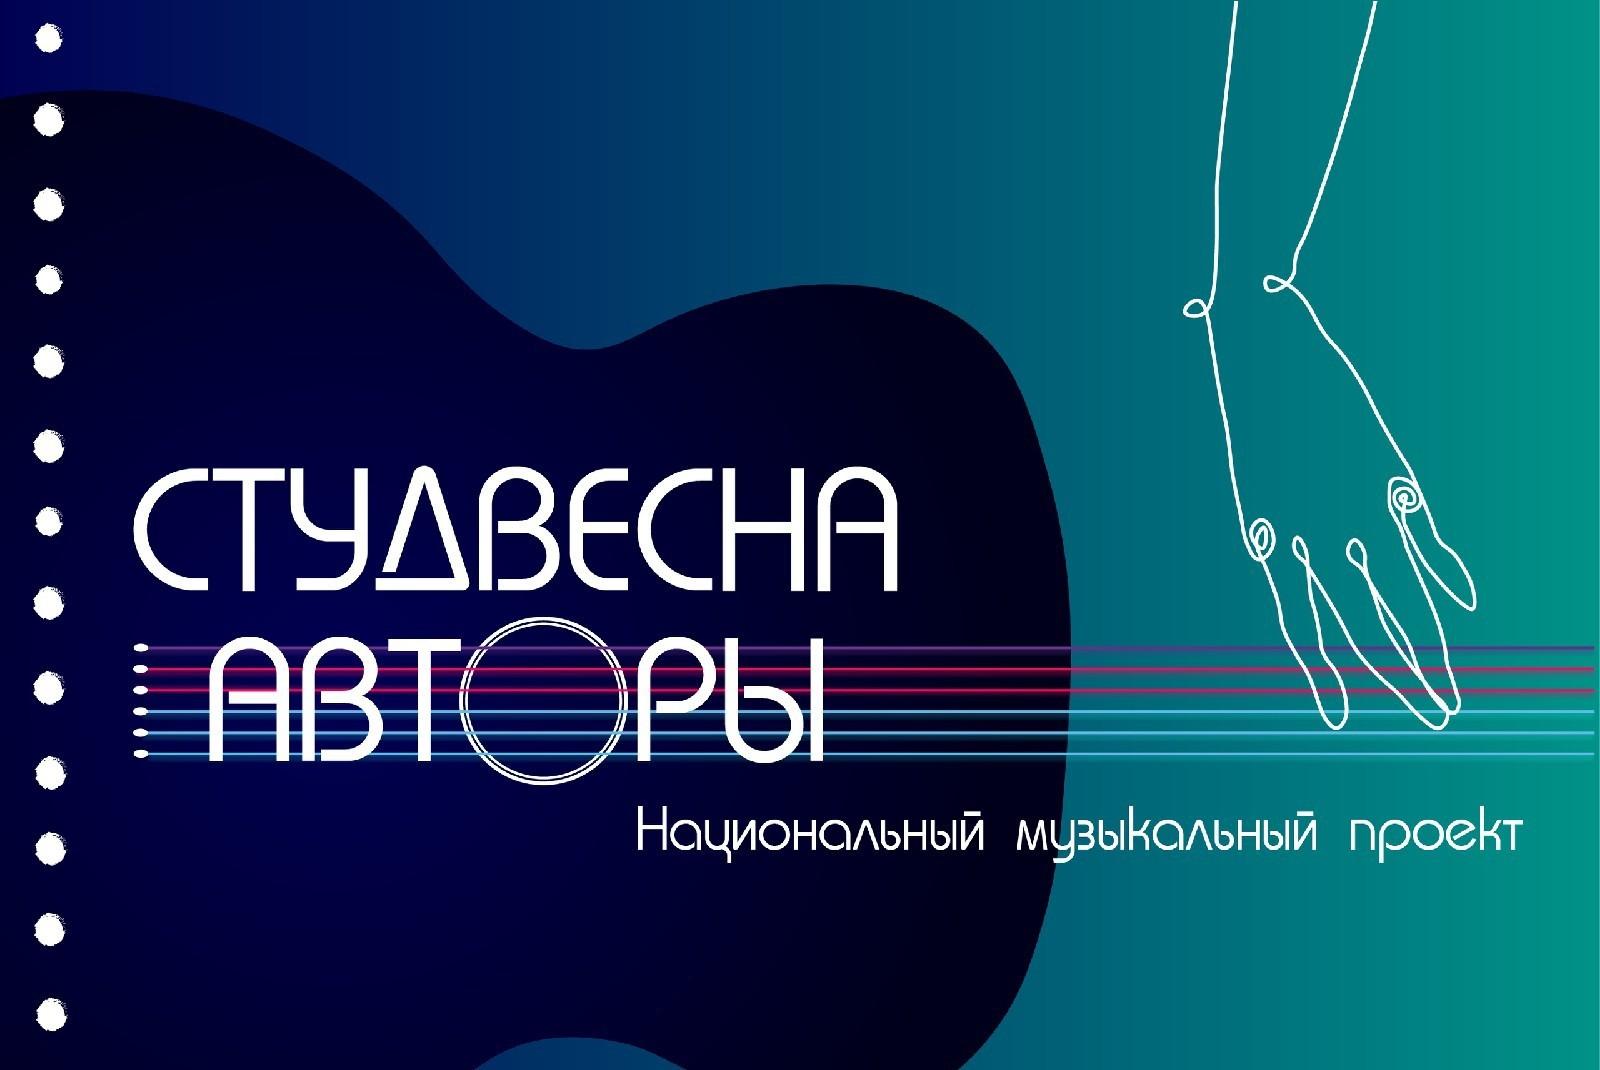 В Твери пройдет гала-концерт проекта «Студвесна. Авторы»!